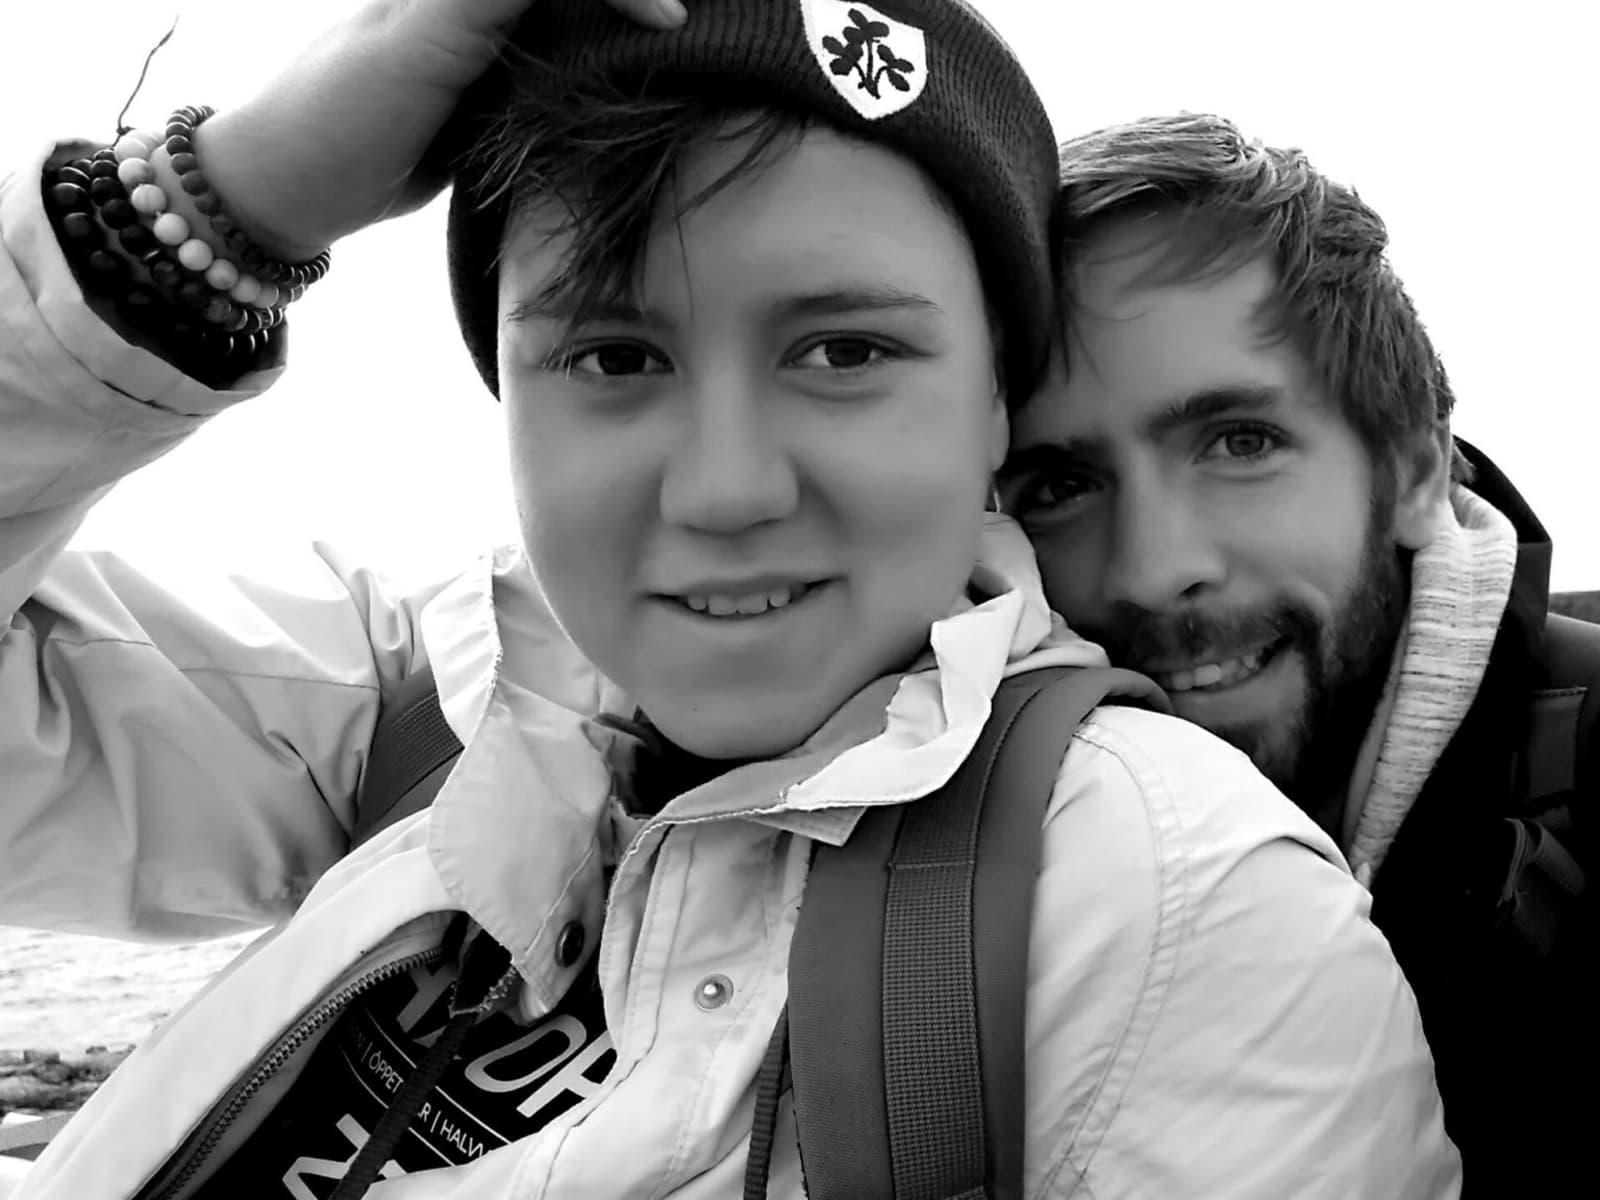 Robert & Lucie from Brno, Czech Republic